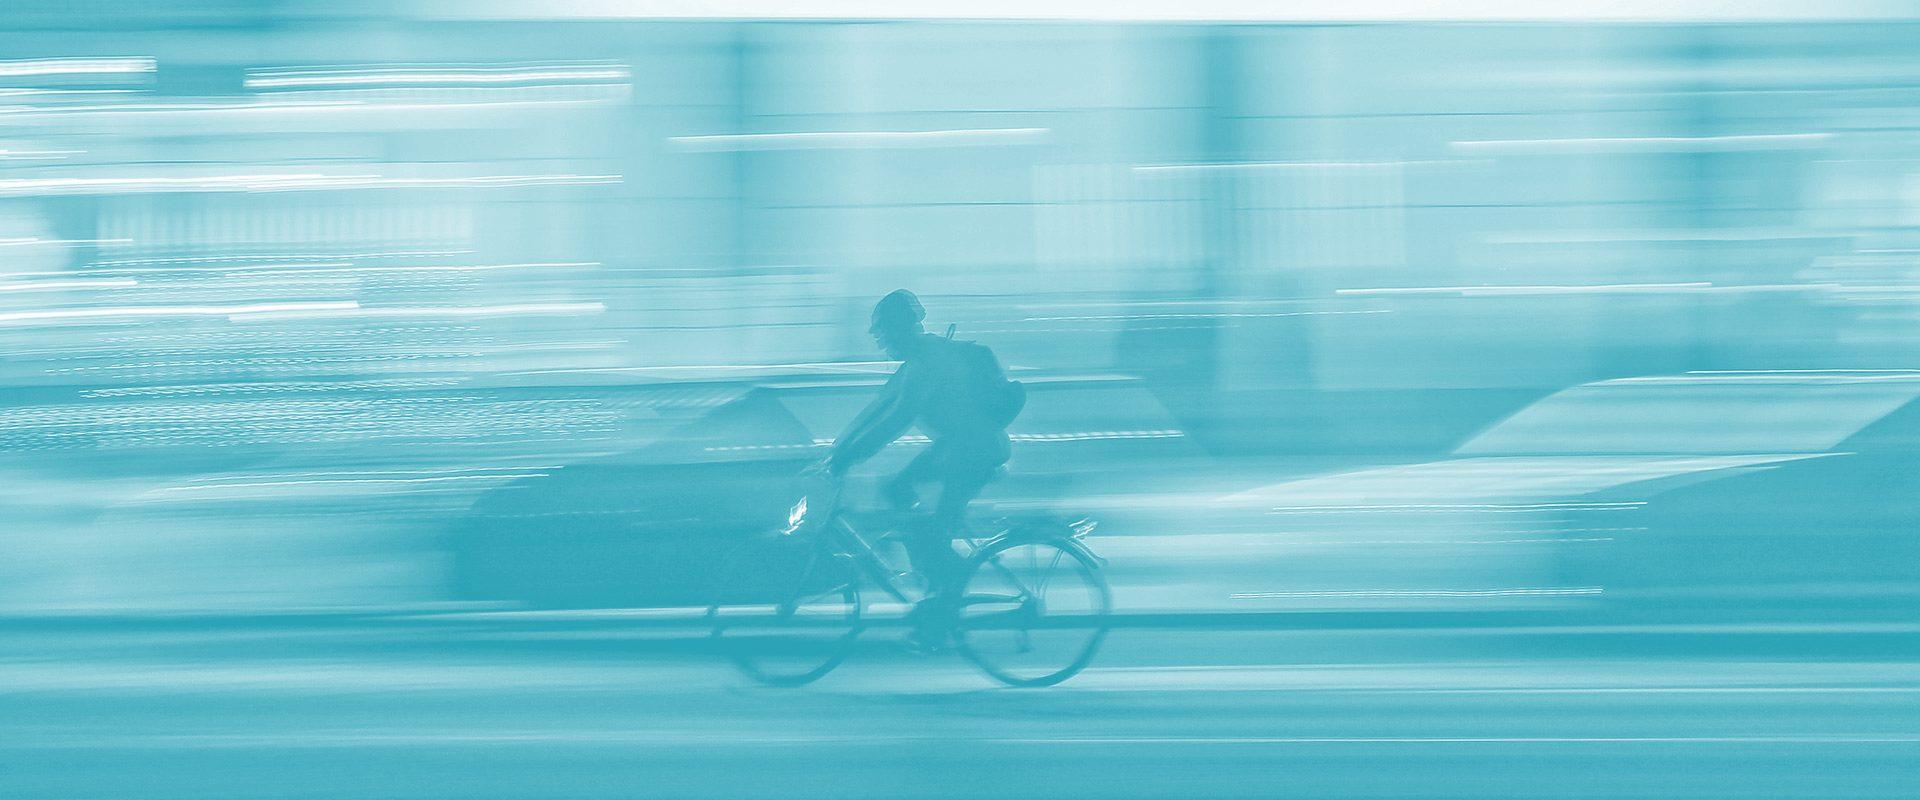 bike-web